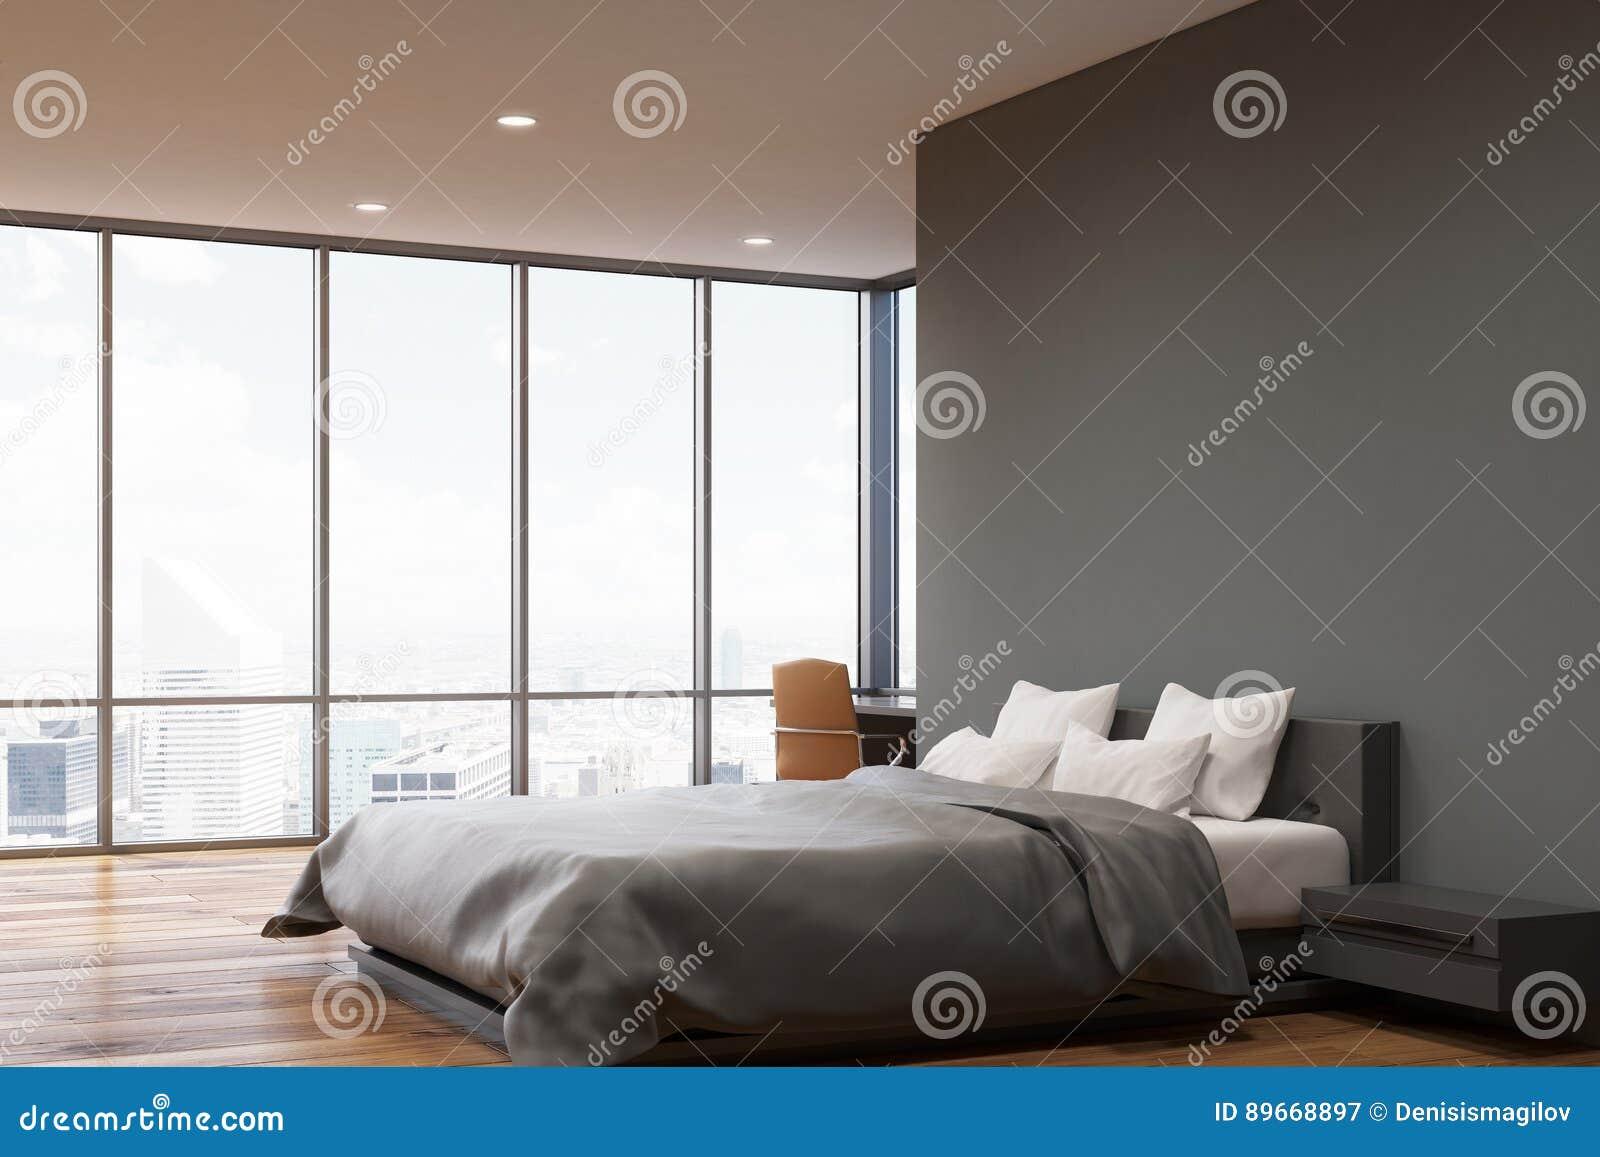 Letto Grigio Scuro : Camera da letto grigio scuro della parete lato illustrazione di